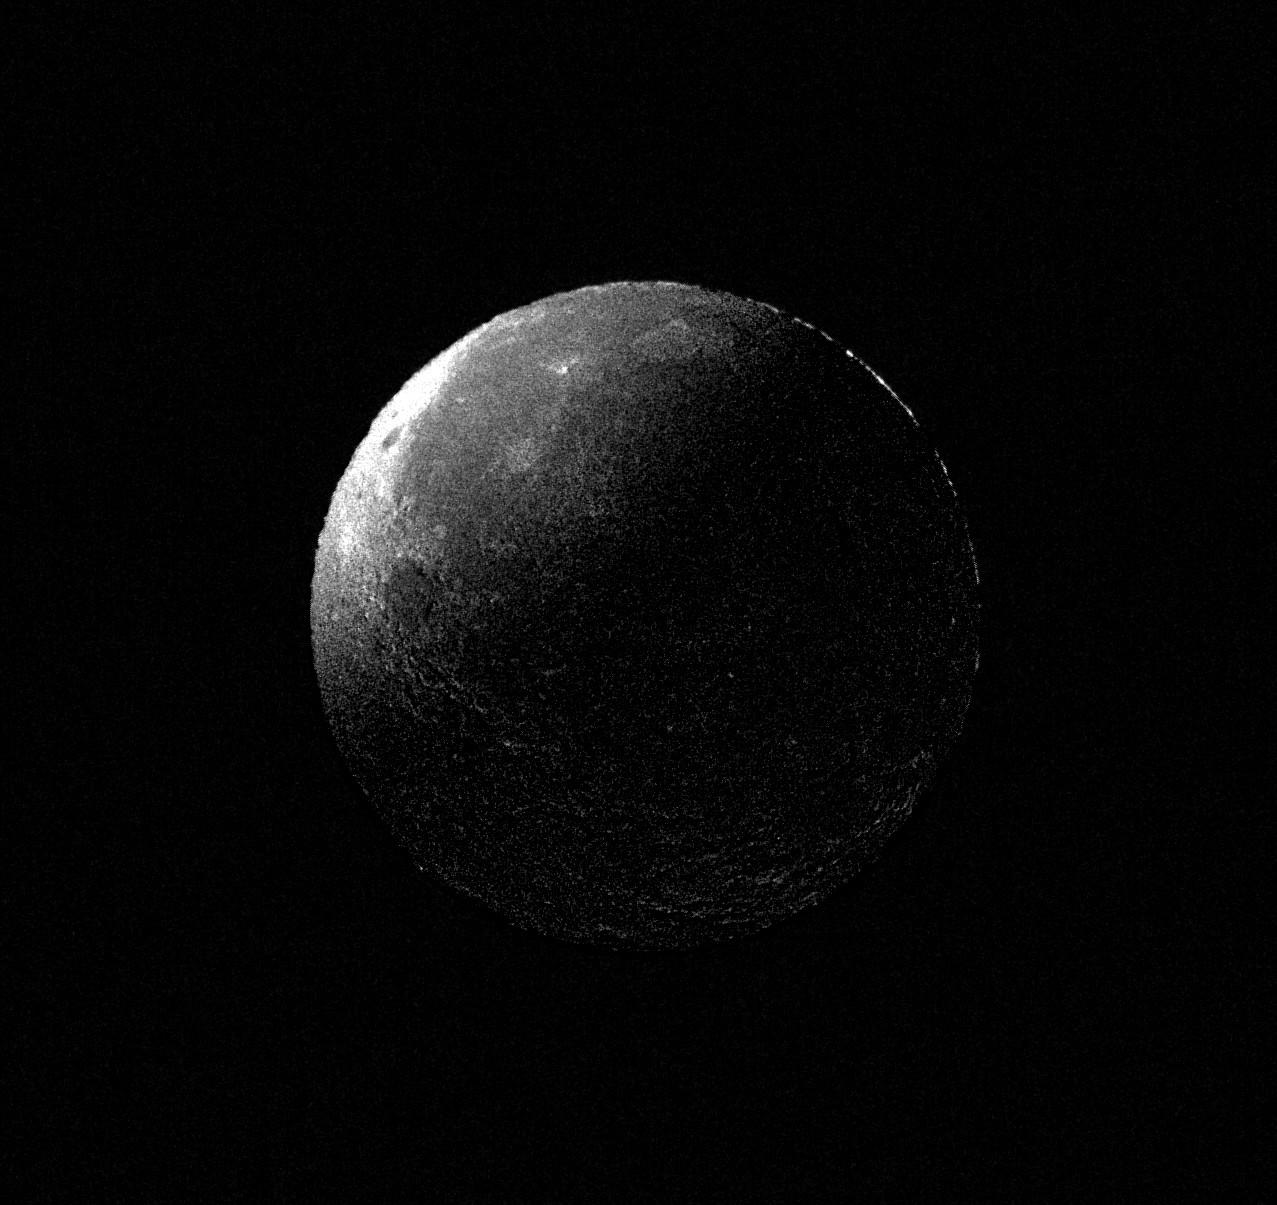 Mondfinsternis 2015 Sep 28 -- Halbschatten